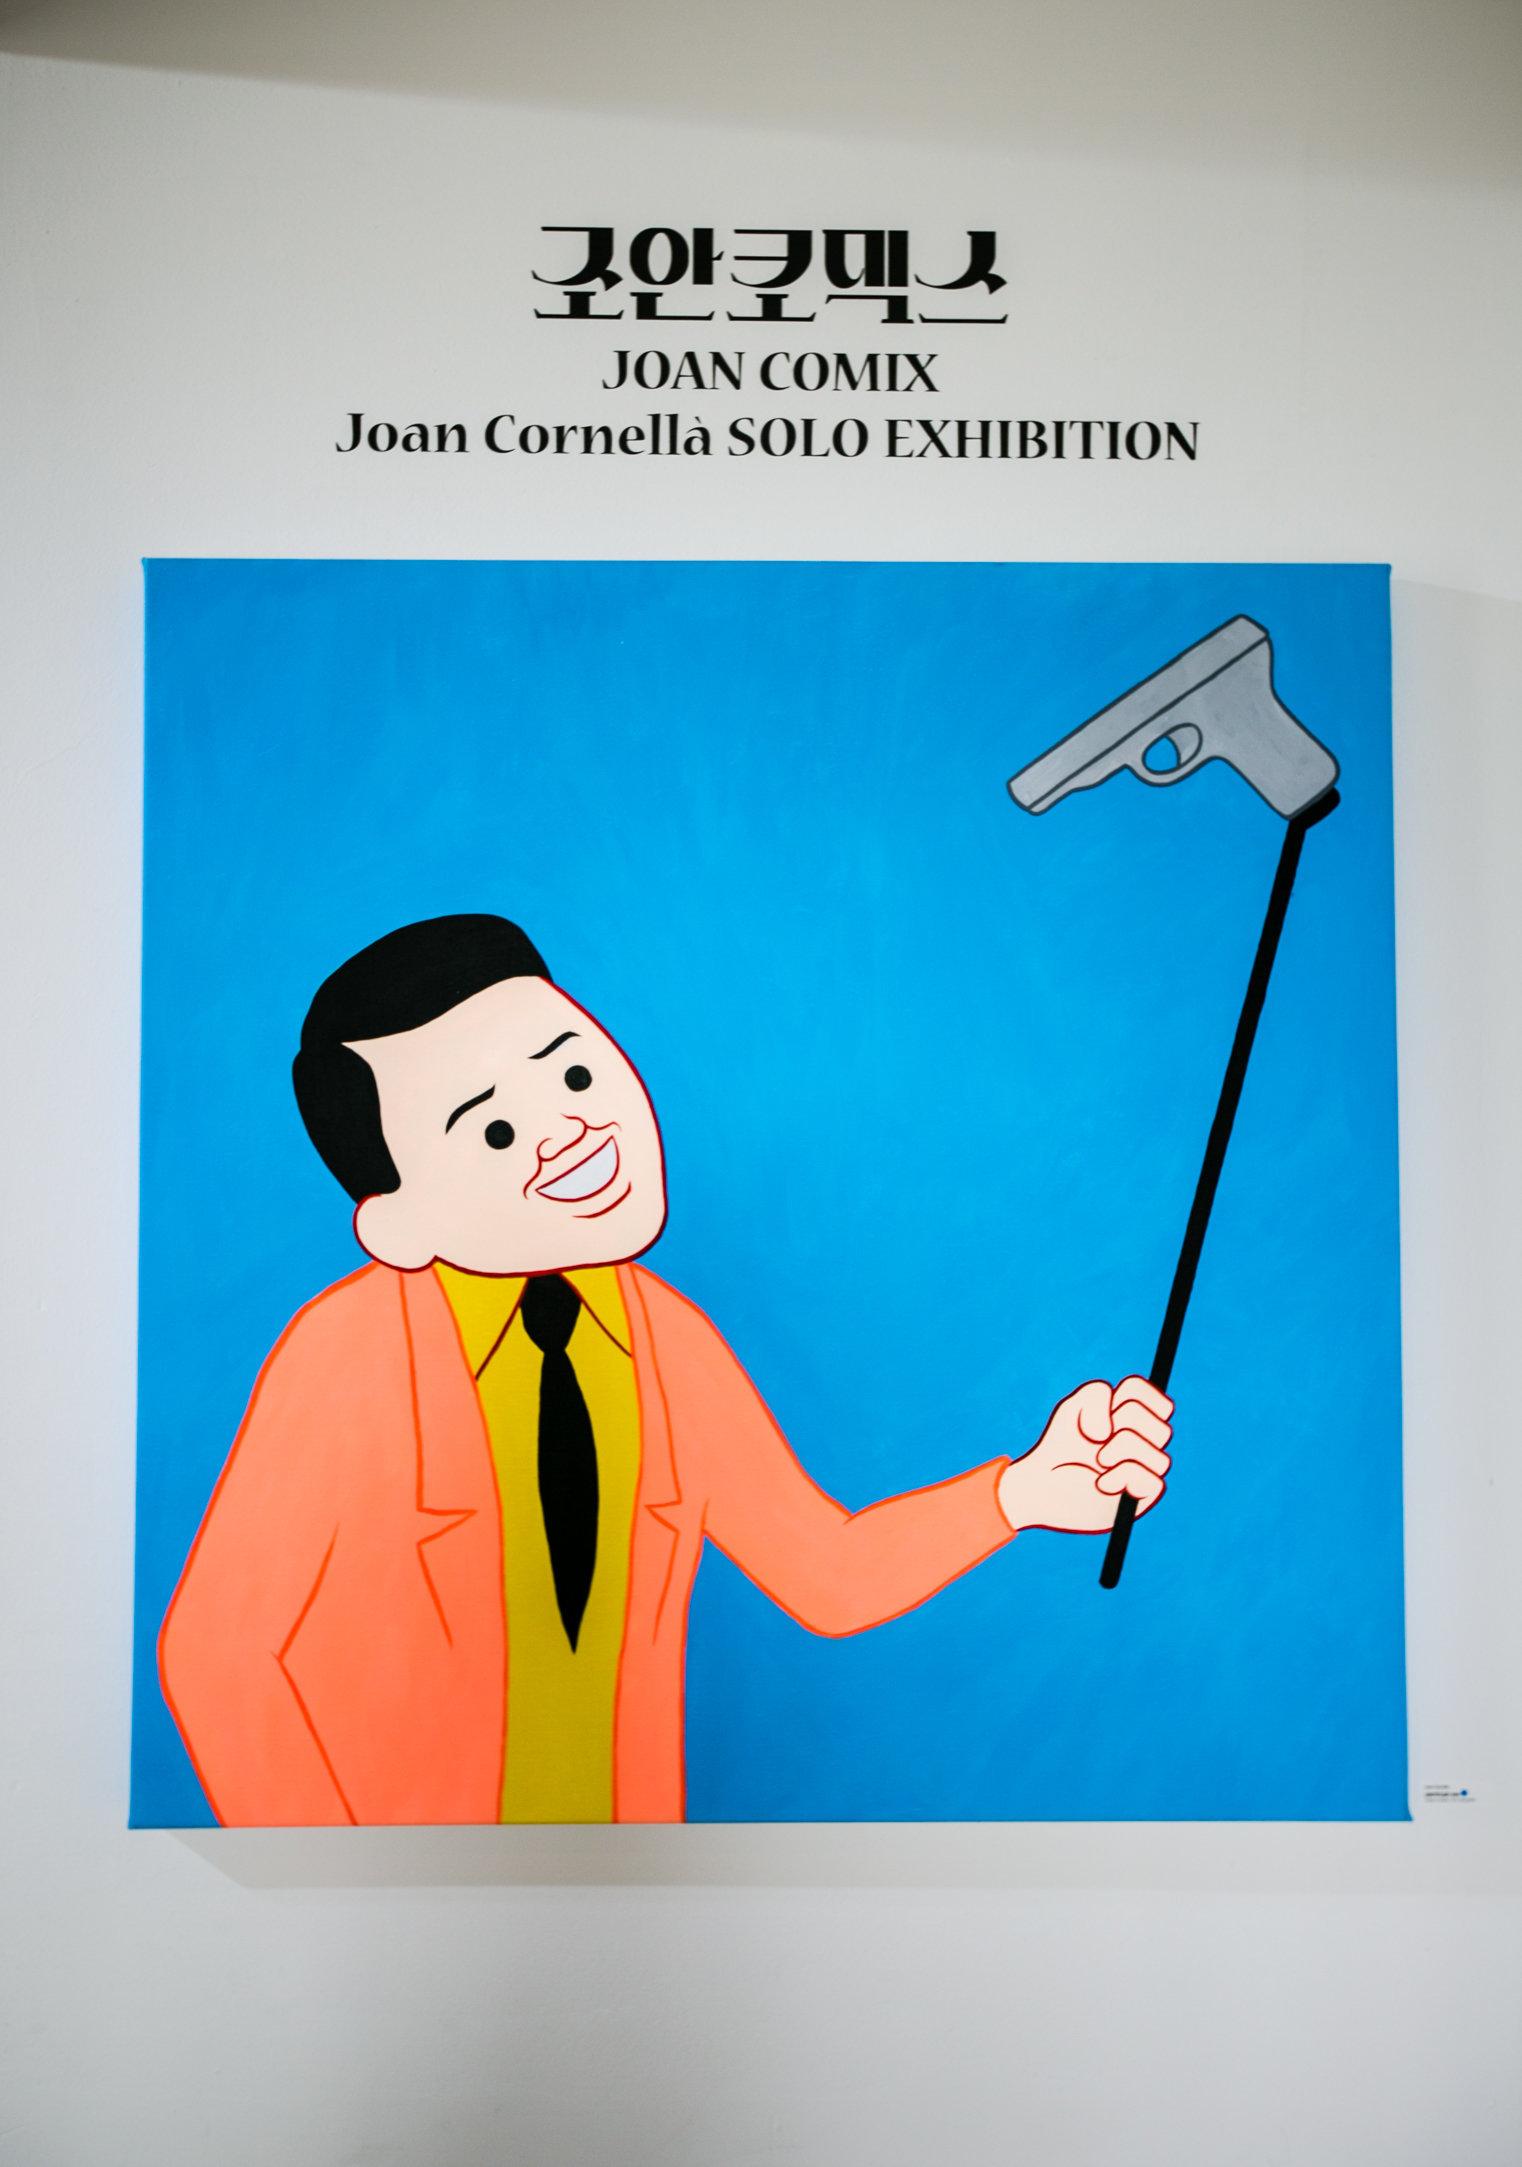 [허프 인터뷰] 조안 코넬라는 셀카 찍는 당신이